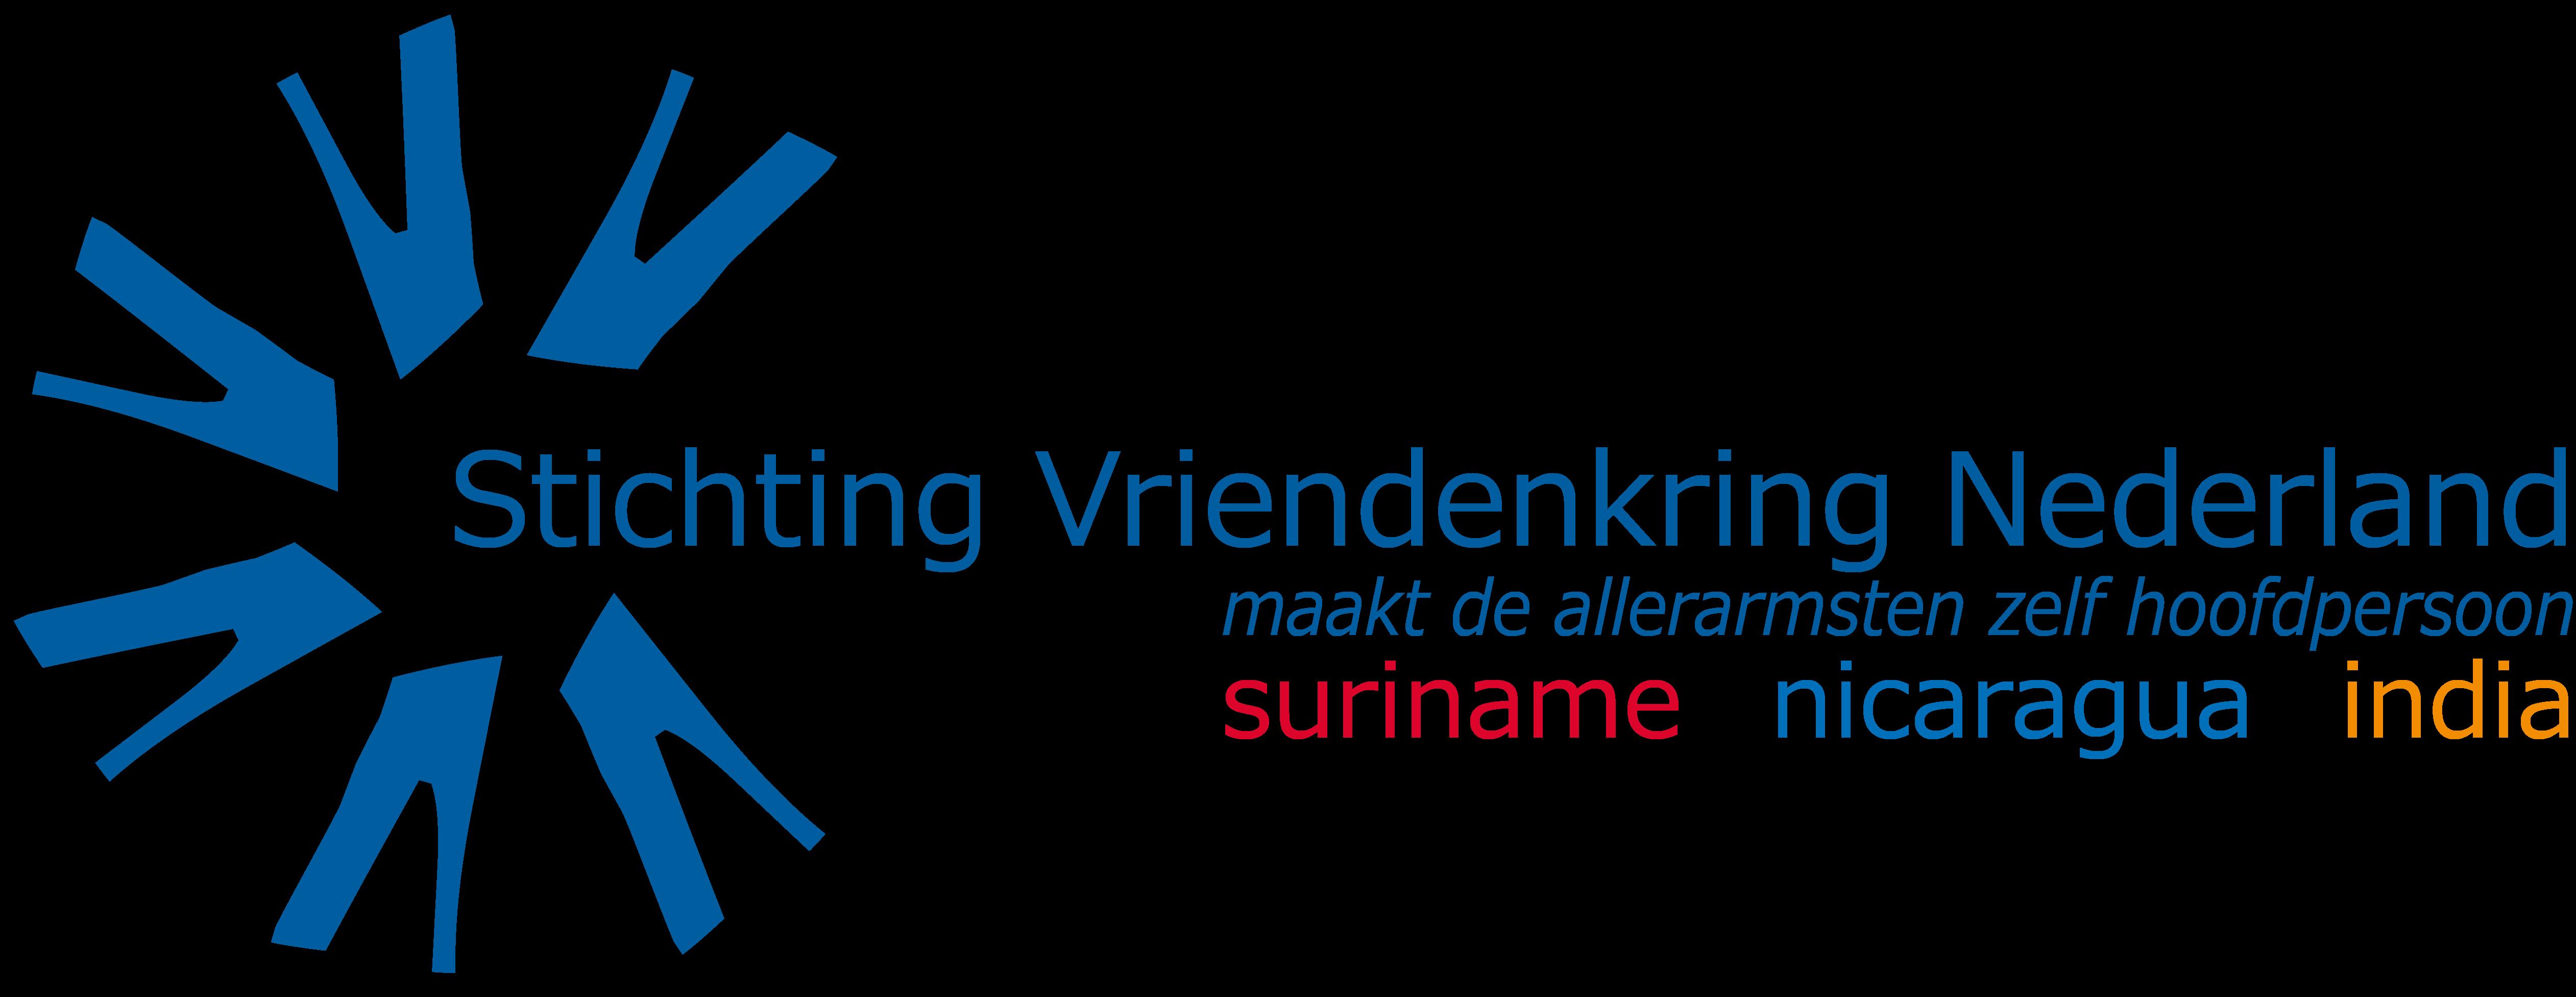 https://www.vriendenkringnederland.nl/wp-content/uploads/2017/09/cropped-Logo-VKN-1.png